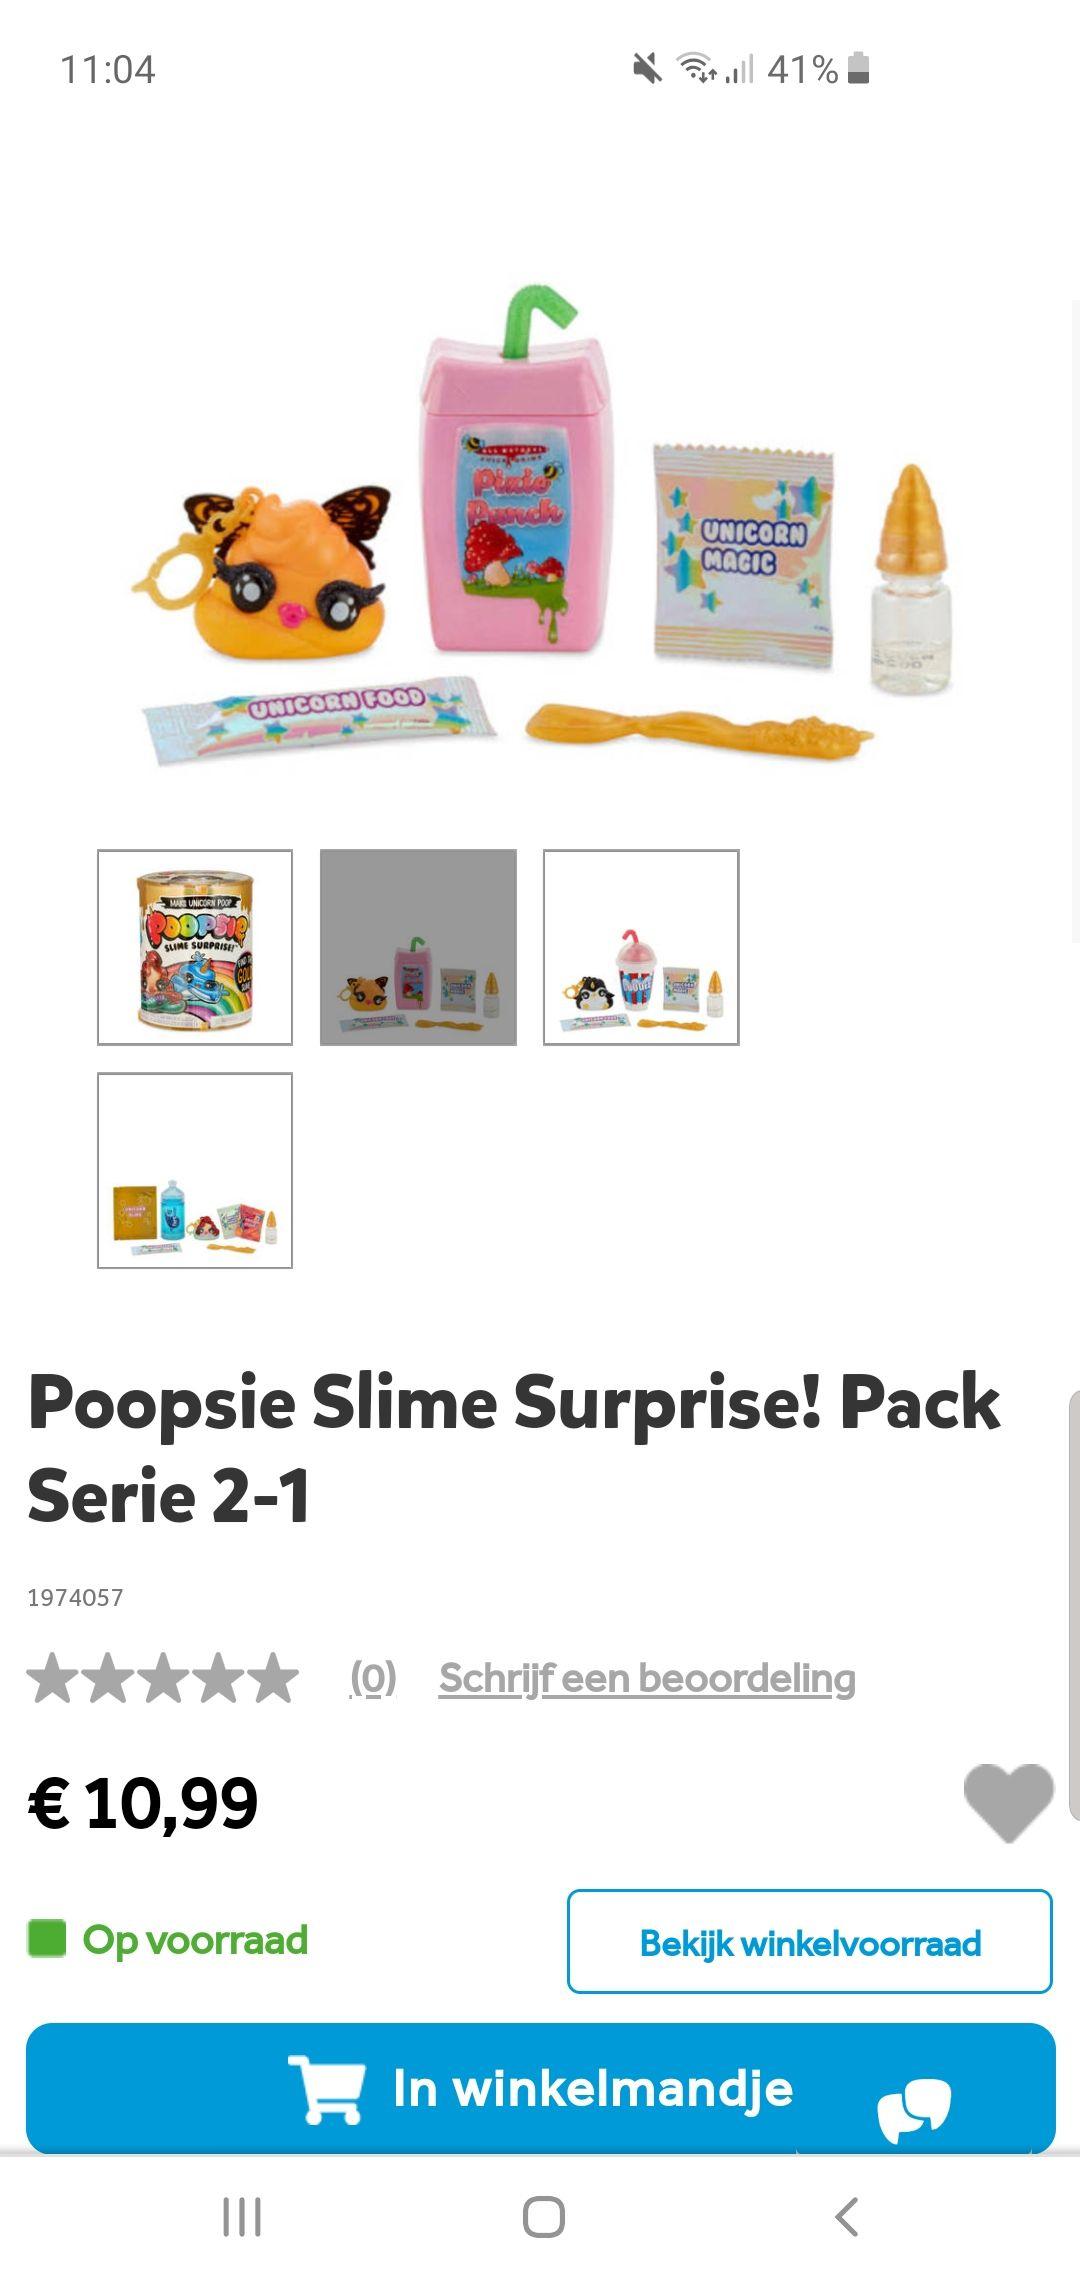 1+1 gratis Poopsie Slime Surprise! Pack Serie 2-1